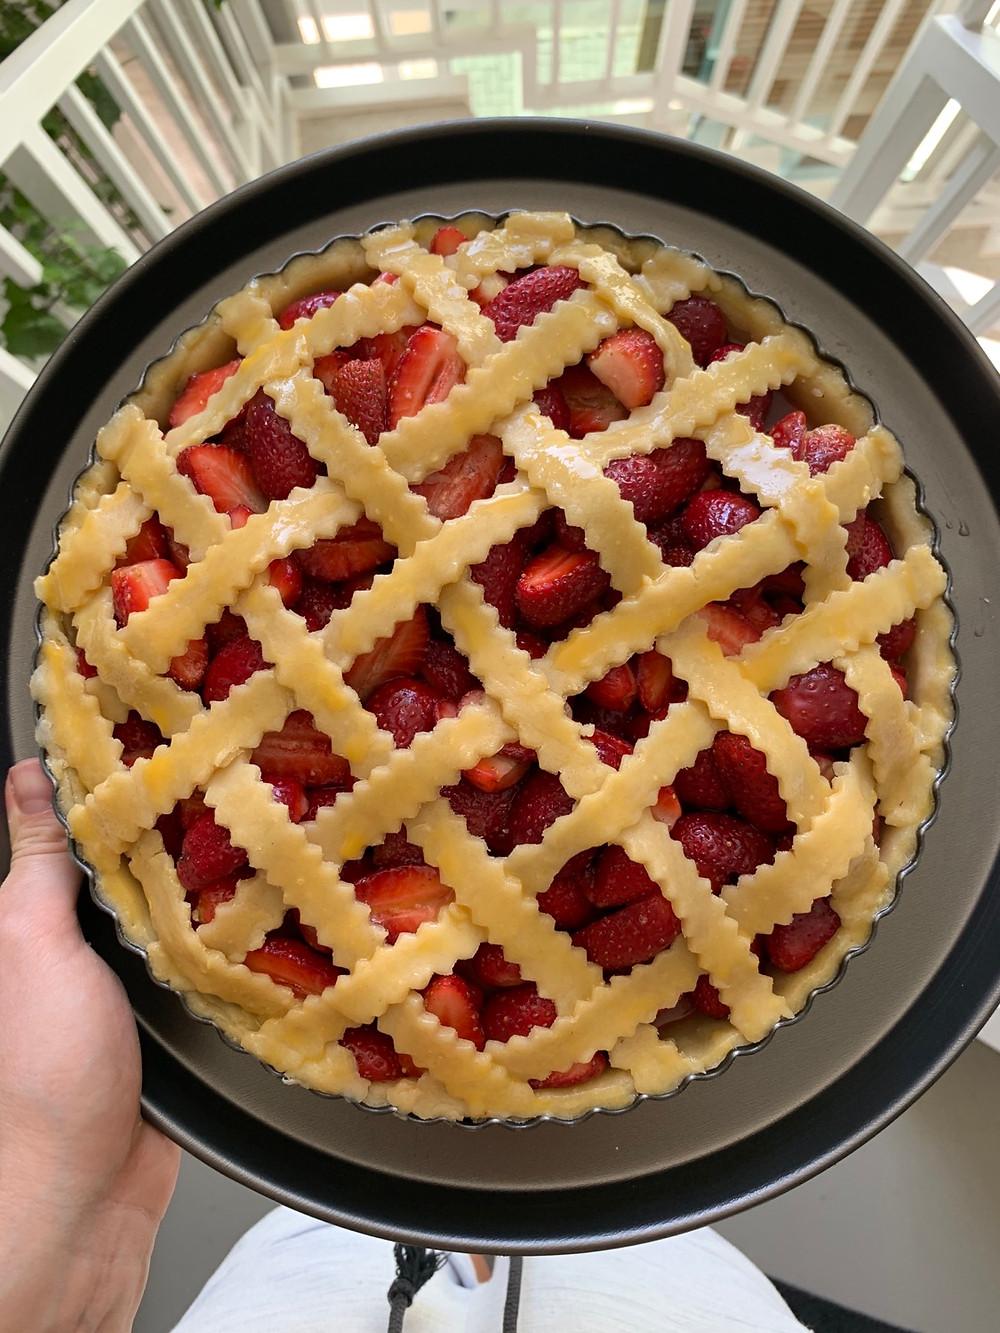 Torta americana de morango com cobertura xadrez quadriculada